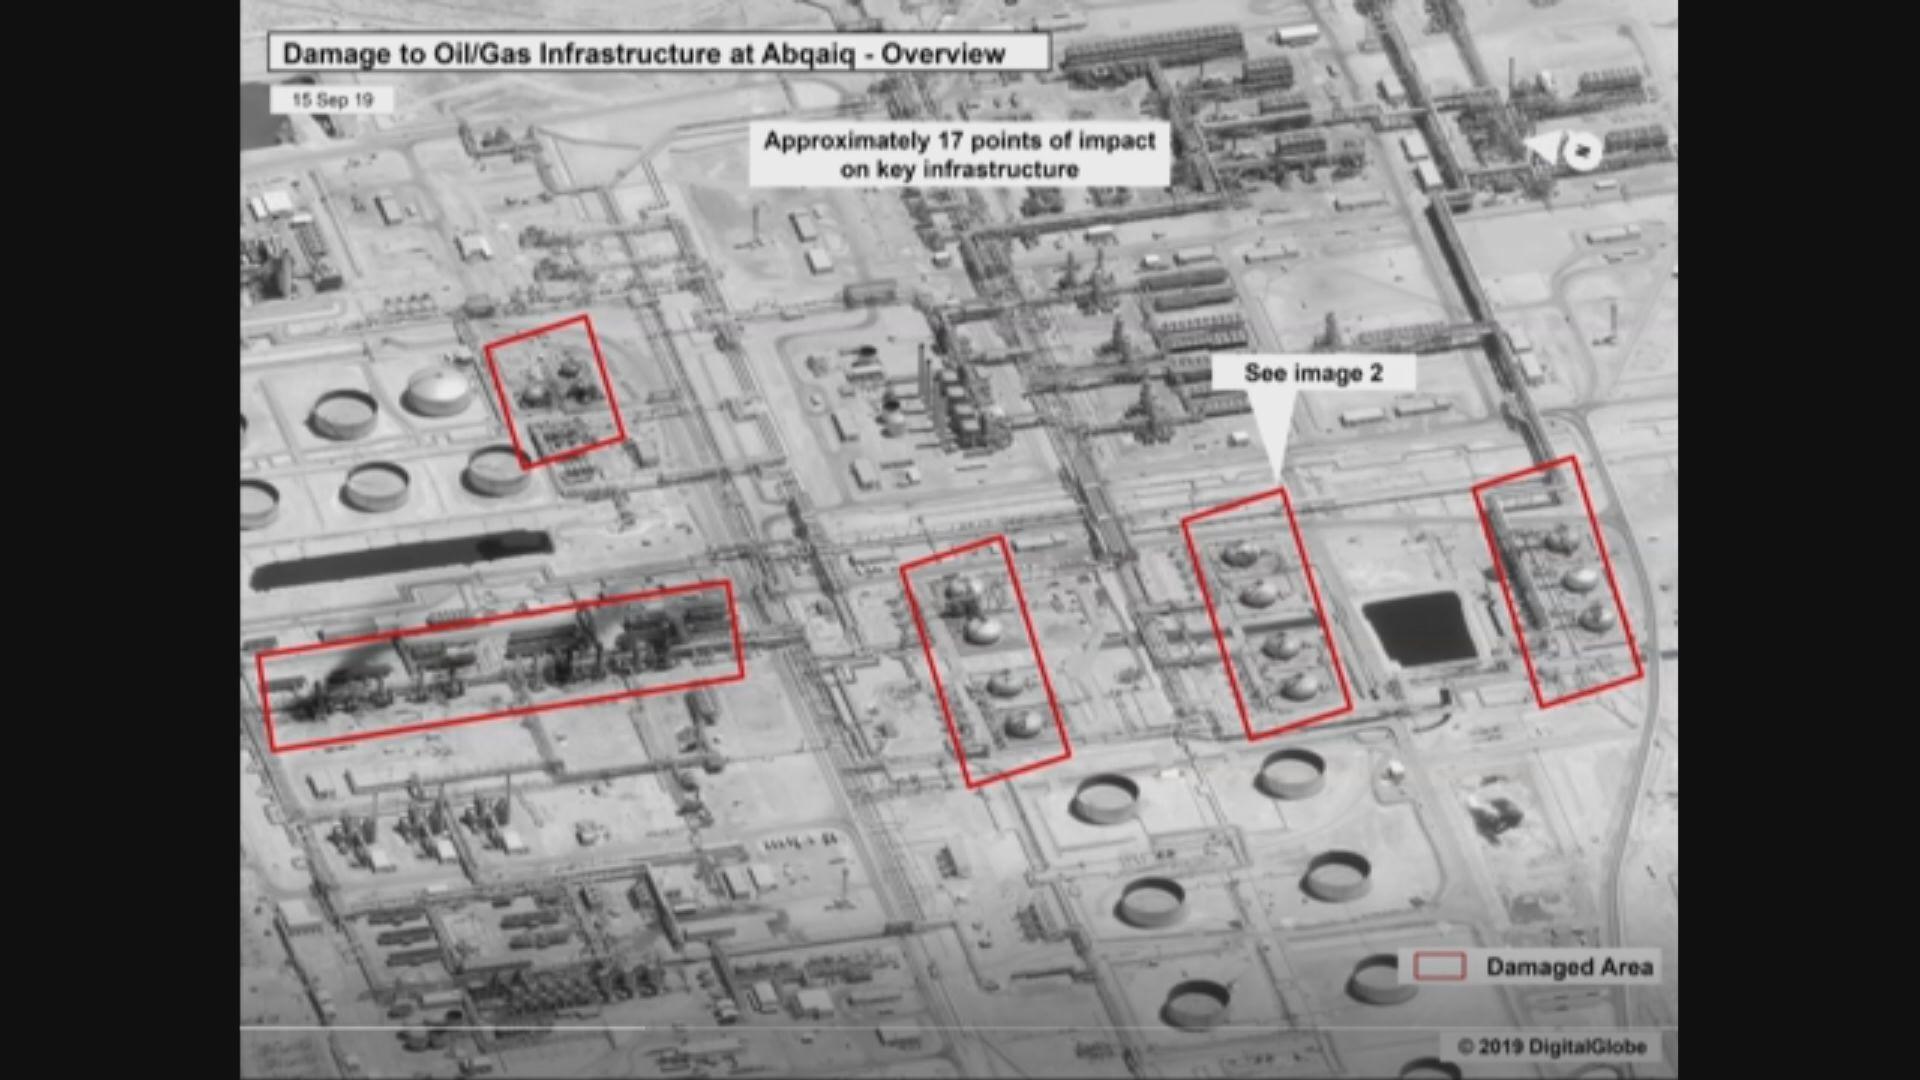 華府指伊朗是沙特石油設施遇襲主謀